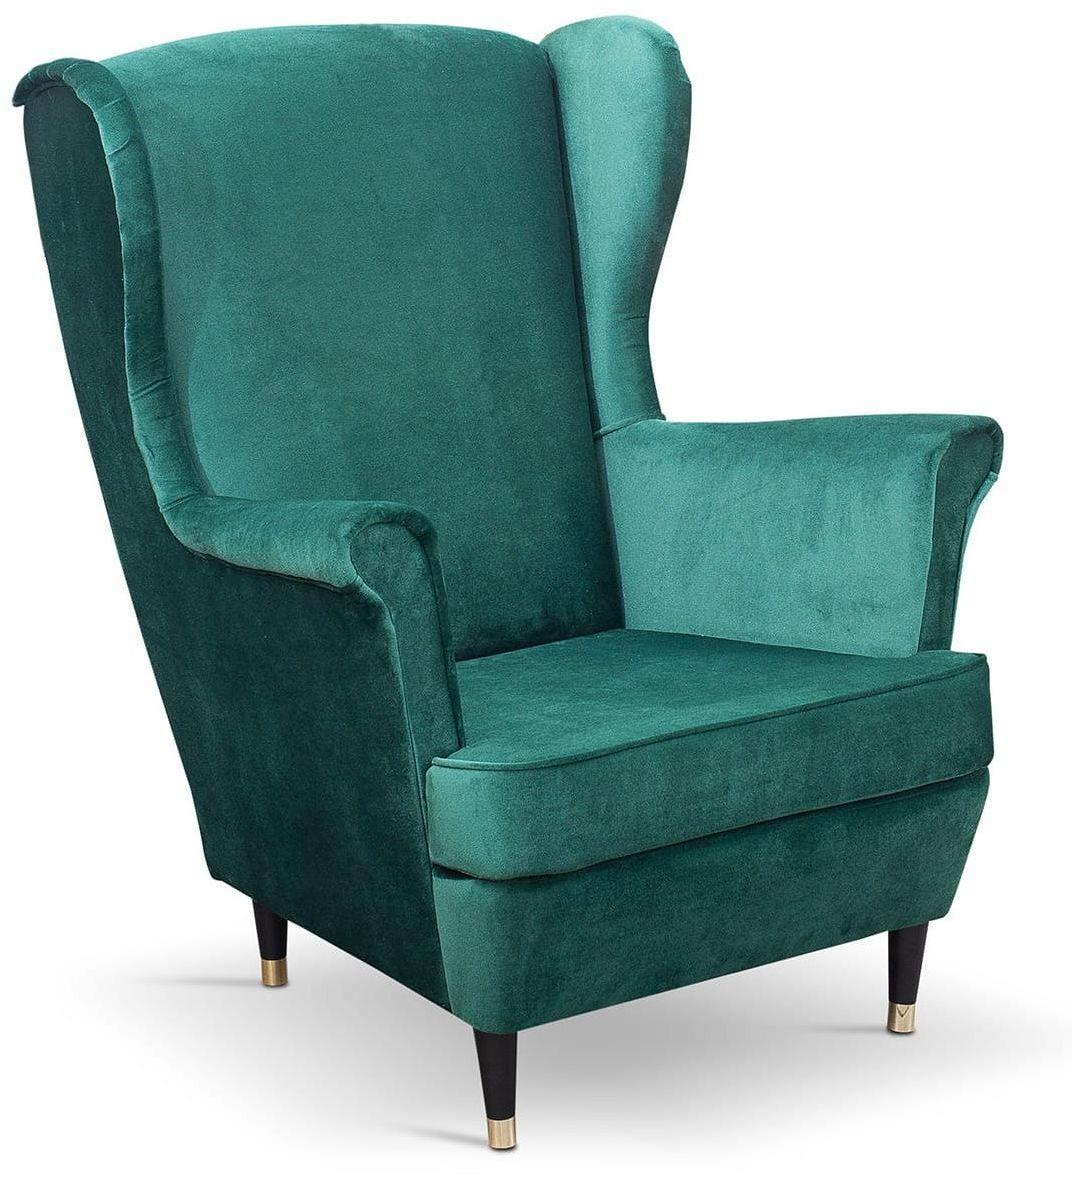 Fotel uszak bez pikowania Lily II w stylu skandynawskim